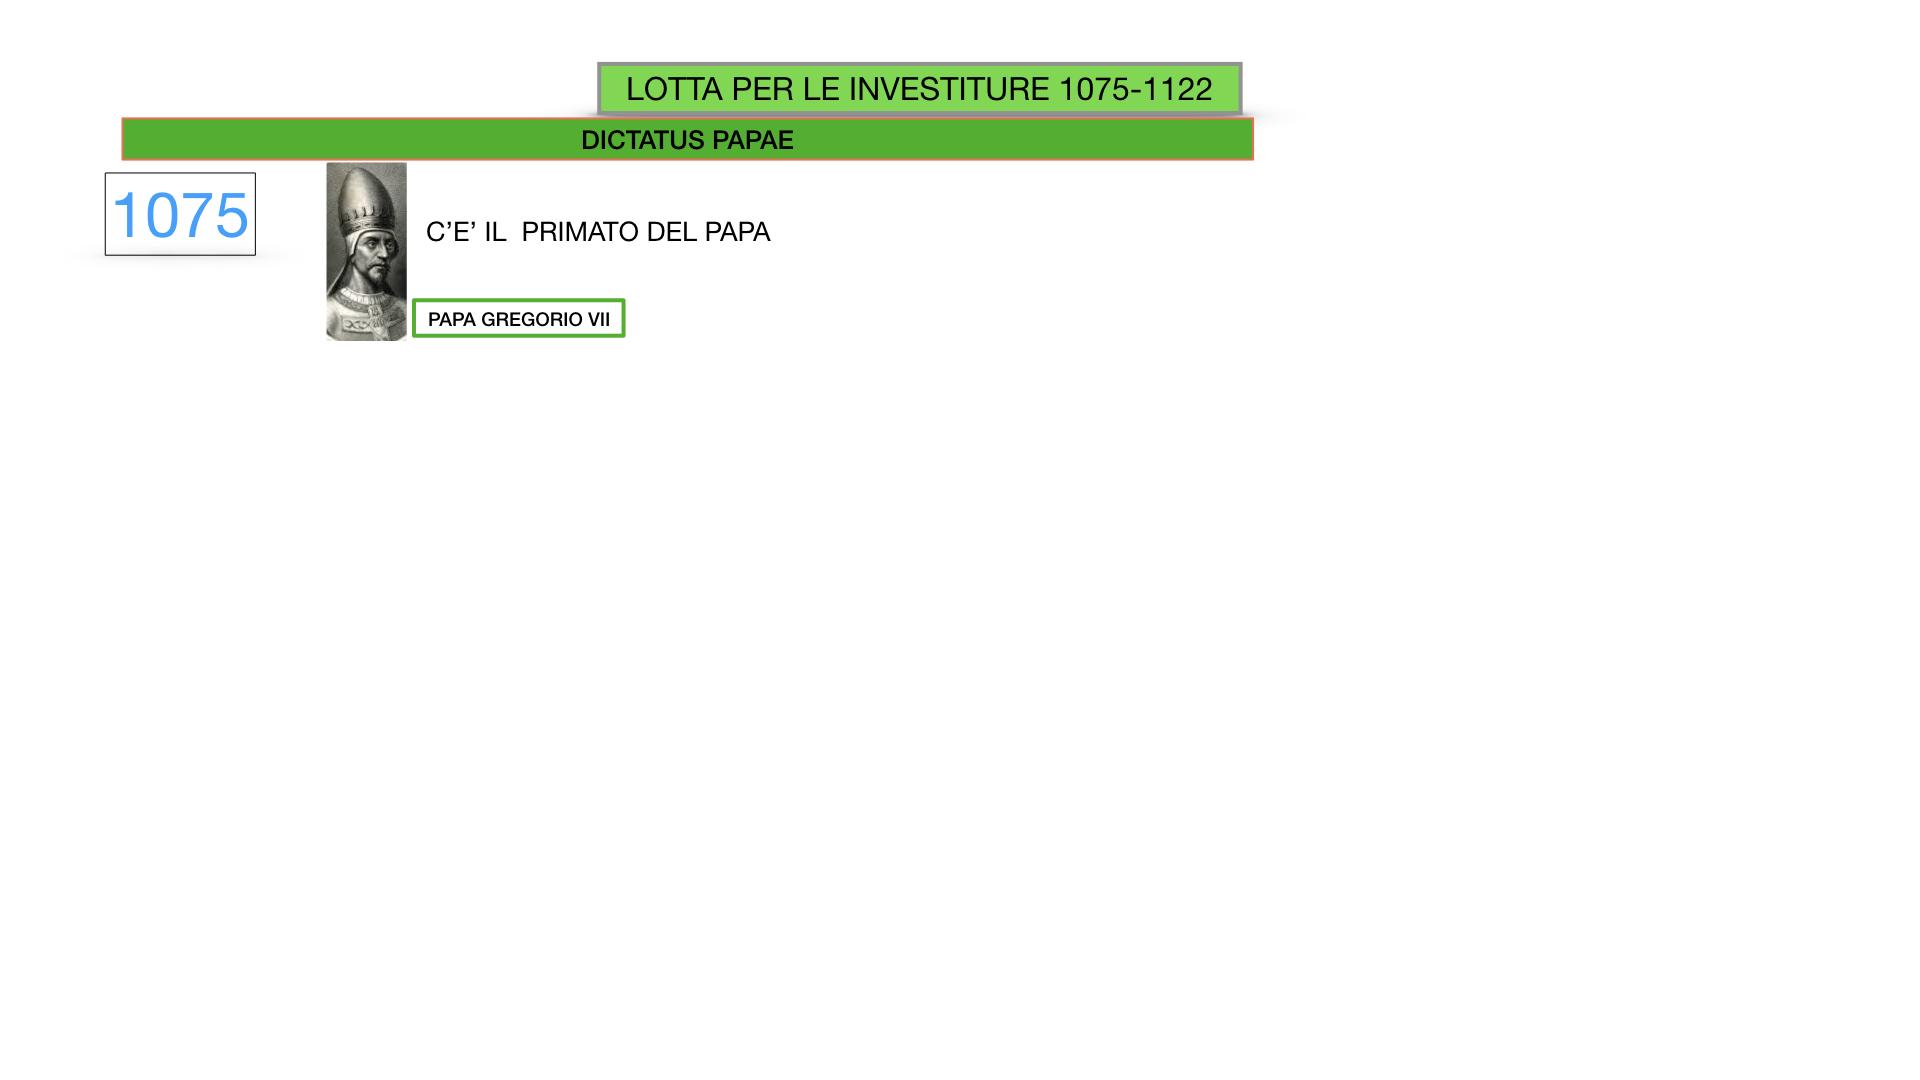 EXCURSUS LOTTA PAPATO IMPERO_SIMULAZIONE.026